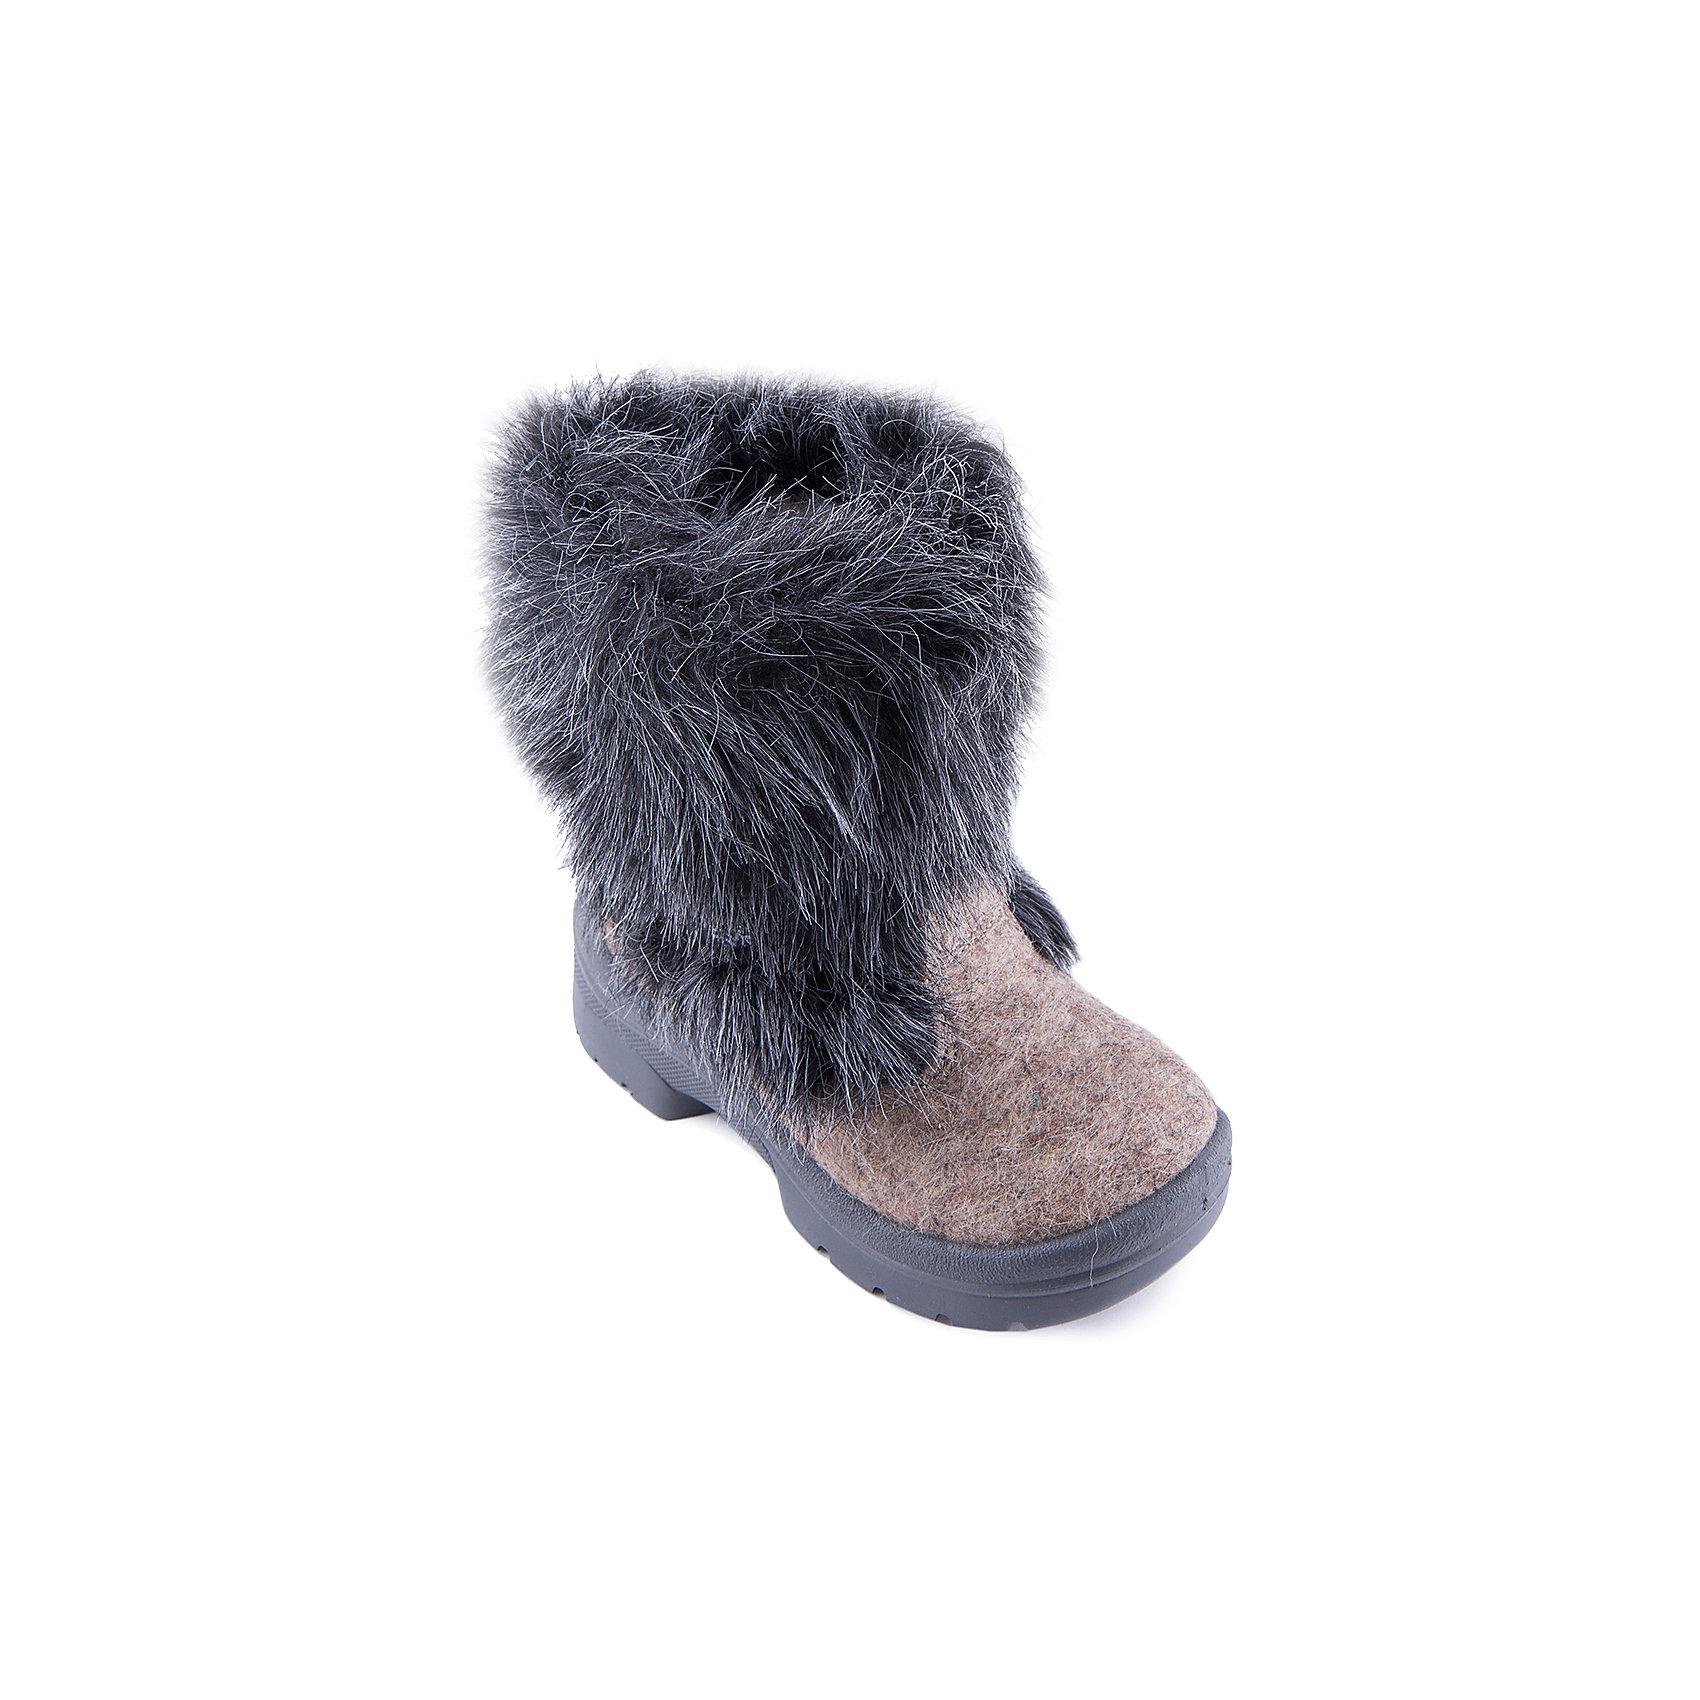 Валенки Ночная сказка для мальчика ФилипокХарактеристики товара:<br><br>• цвет: черный<br>• температурный режим: от -5° С до -30° С<br>• внешний материал: эко-войлок (натуральная шерсть)<br>• подкладка: натуральная овечья шерсть<br>• стелька: шерстяной войлок (3,5 мм)<br>• подошва: литая, полиуретан<br>• декорированы искусственным мехом<br>• подошва с анти скользящей с системой протектора anti slip<br>• защита носка - натуральная кожа с износостойкой пропиткой<br>• усиленная пятка<br>• толстая устойчивая подошва<br>• страна бренда: РФ<br>• страна изготовитель: РФ<br><br>Очень теплые и удобные валенки для ребенка от известного бренда детской обуви Филипок созданы специально для русской зимы. Качественные материалы с пропиткой против попадания воды внутрь и модный дизайн понравятся и малышам и их родителям. Подошва и стелька обеспечат ребенку комфорт, сухость и тепло, позволяя в полной мере наслаждаться зимним отдыхом. Усиленная защита пятки и носка обеспечивает дополнительную безопасность детских ног в этих сапожках.<br>Эта красивая и удобная обувь прослужит долго благодаря отличному качеству. Производитель анти скользящее покрытие и амортизирующие свойства подошвы! Модель производится из качественных и проверенных материалов, которые безопасны для детей.<br><br>Валенки для мальчика от бренда Филипок можно купить в нашем интернет-магазине.<br><br>Ширина мм: 257<br>Глубина мм: 180<br>Высота мм: 130<br>Вес г: 420<br>Цвет: черный<br>Возраст от месяцев: 72<br>Возраст до месяцев: 84<br>Пол: Мужской<br>Возраст: Детский<br>Размер: 30,29,25,26,28,31,32,24,27<br>SKU: 4207133